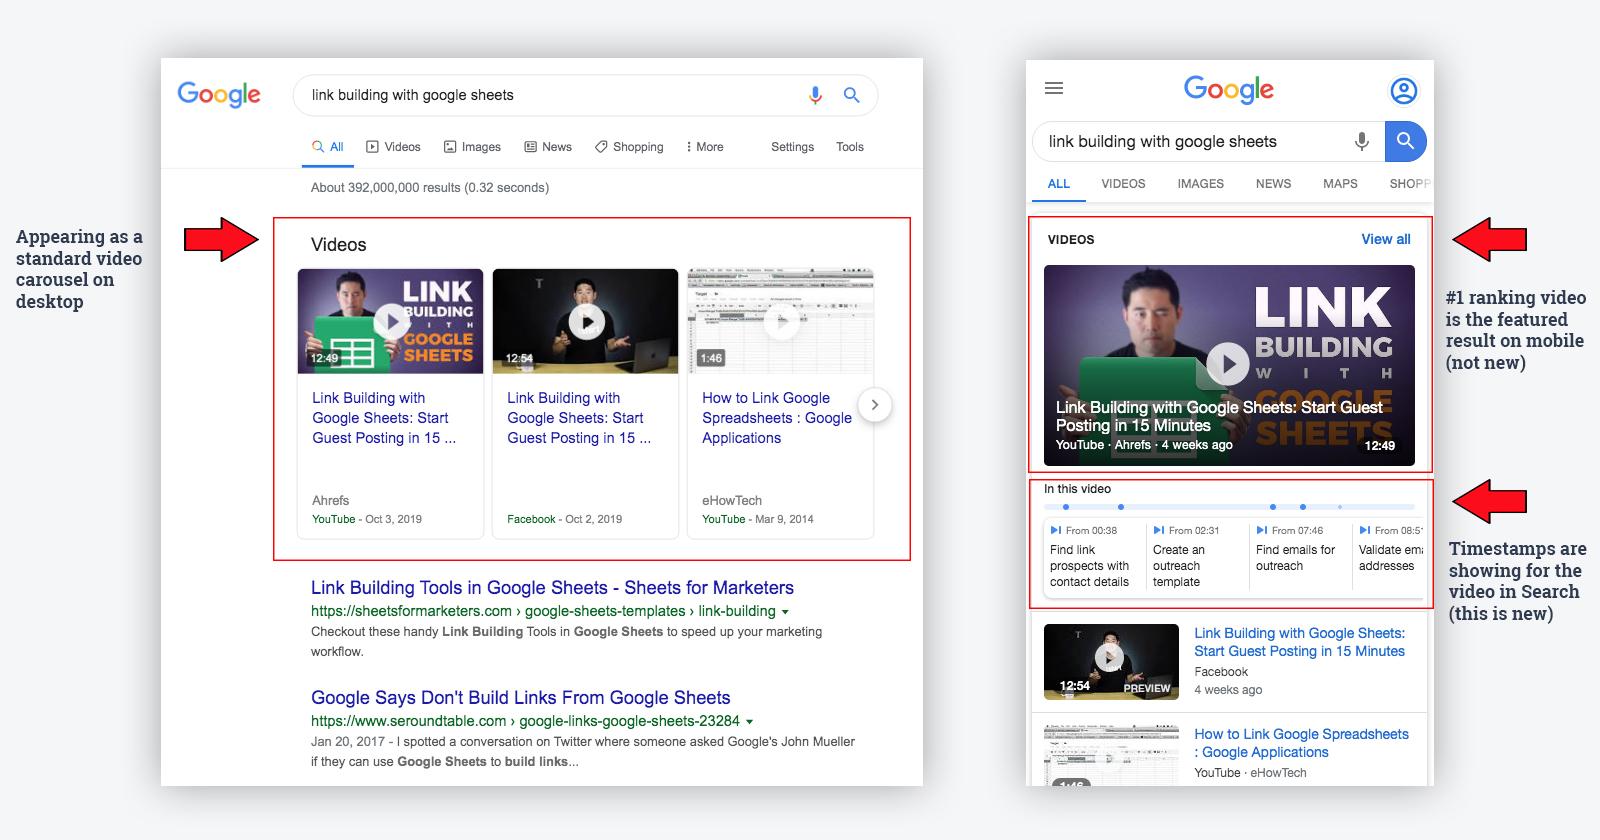 Как максимально эффективно использовать результаты с отметками времени видео в поиске Google